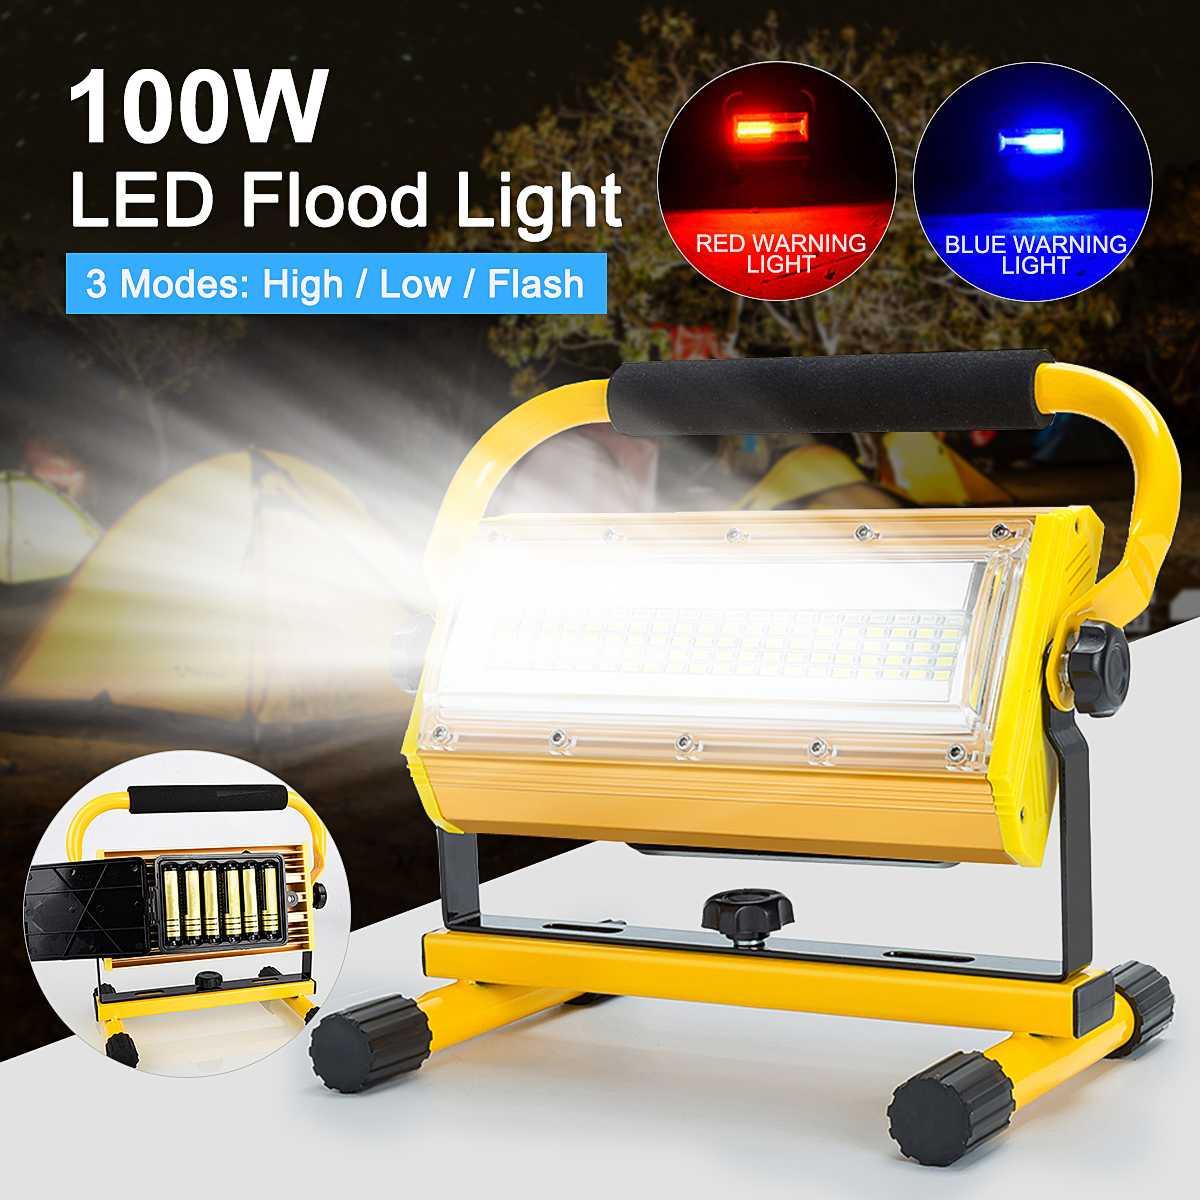 Nuevo Reflector LED de 100W para exteriores, Reflector LED para proyector, lámpara de construcción recargable, 18650 baterías